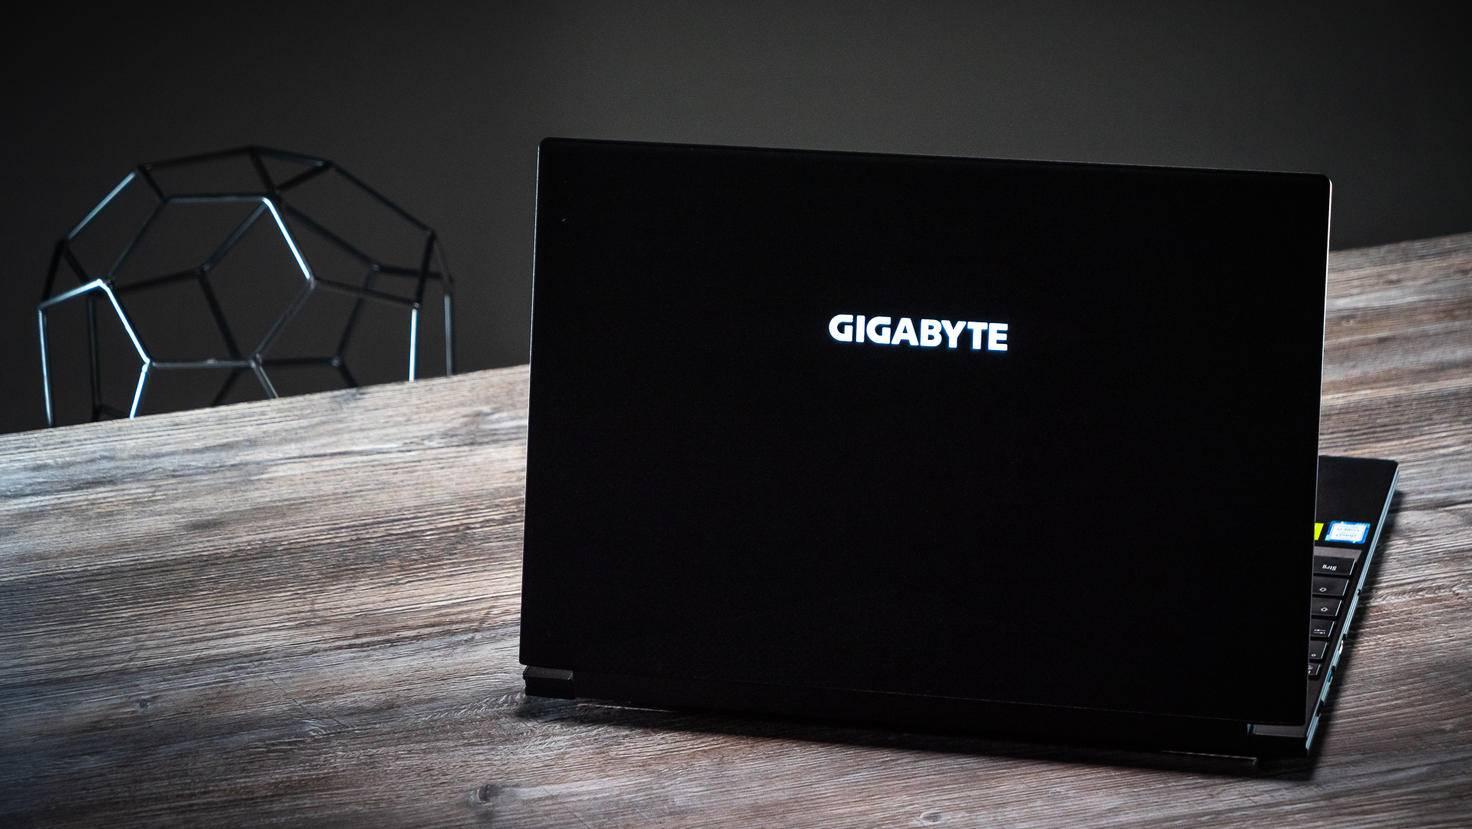 Der Laptop kommt in einem edlen Aluminium-Chassis daher.